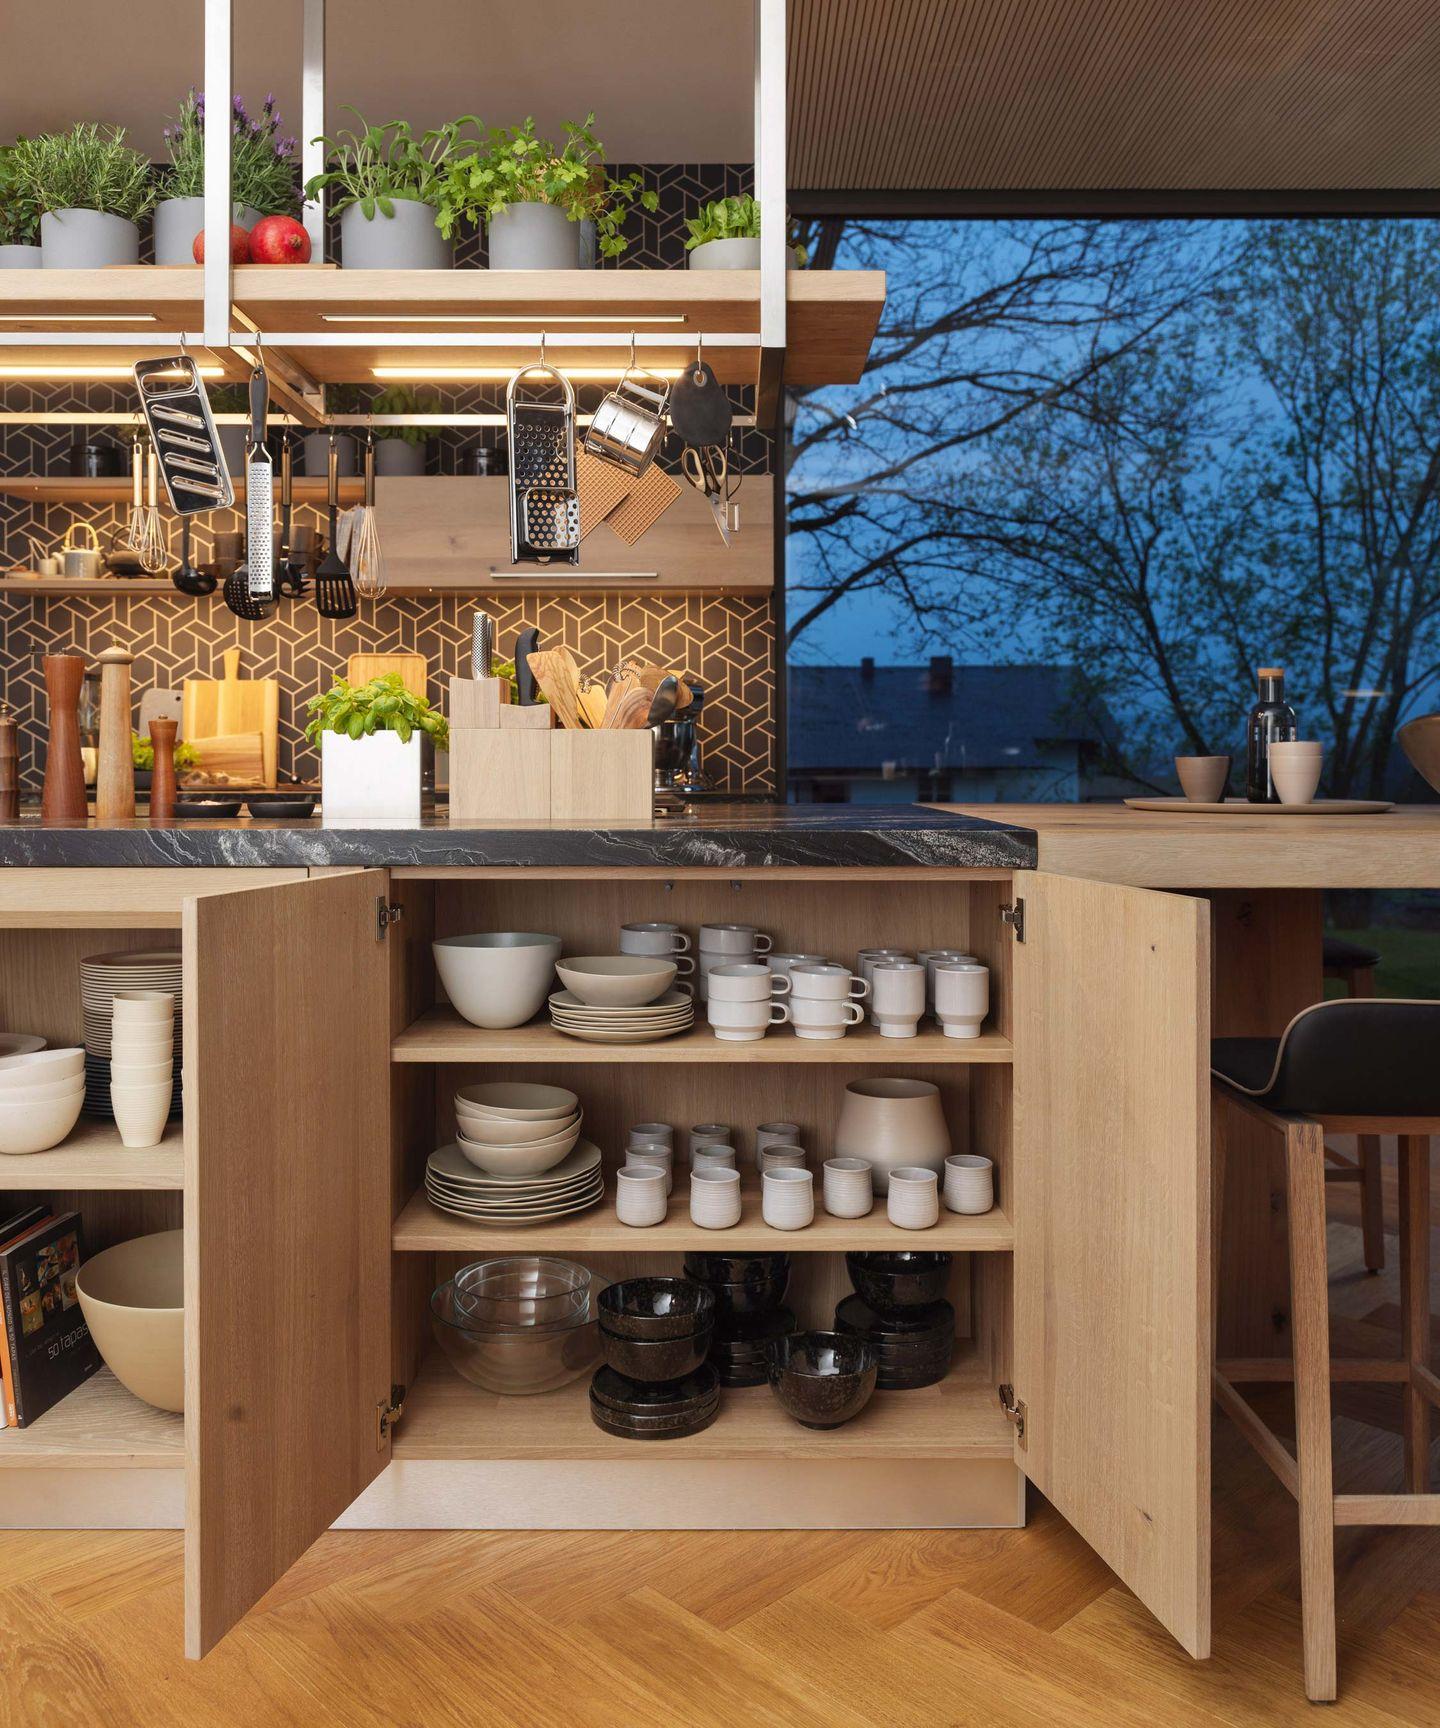 Открытый шкаф деревянной кухни loft